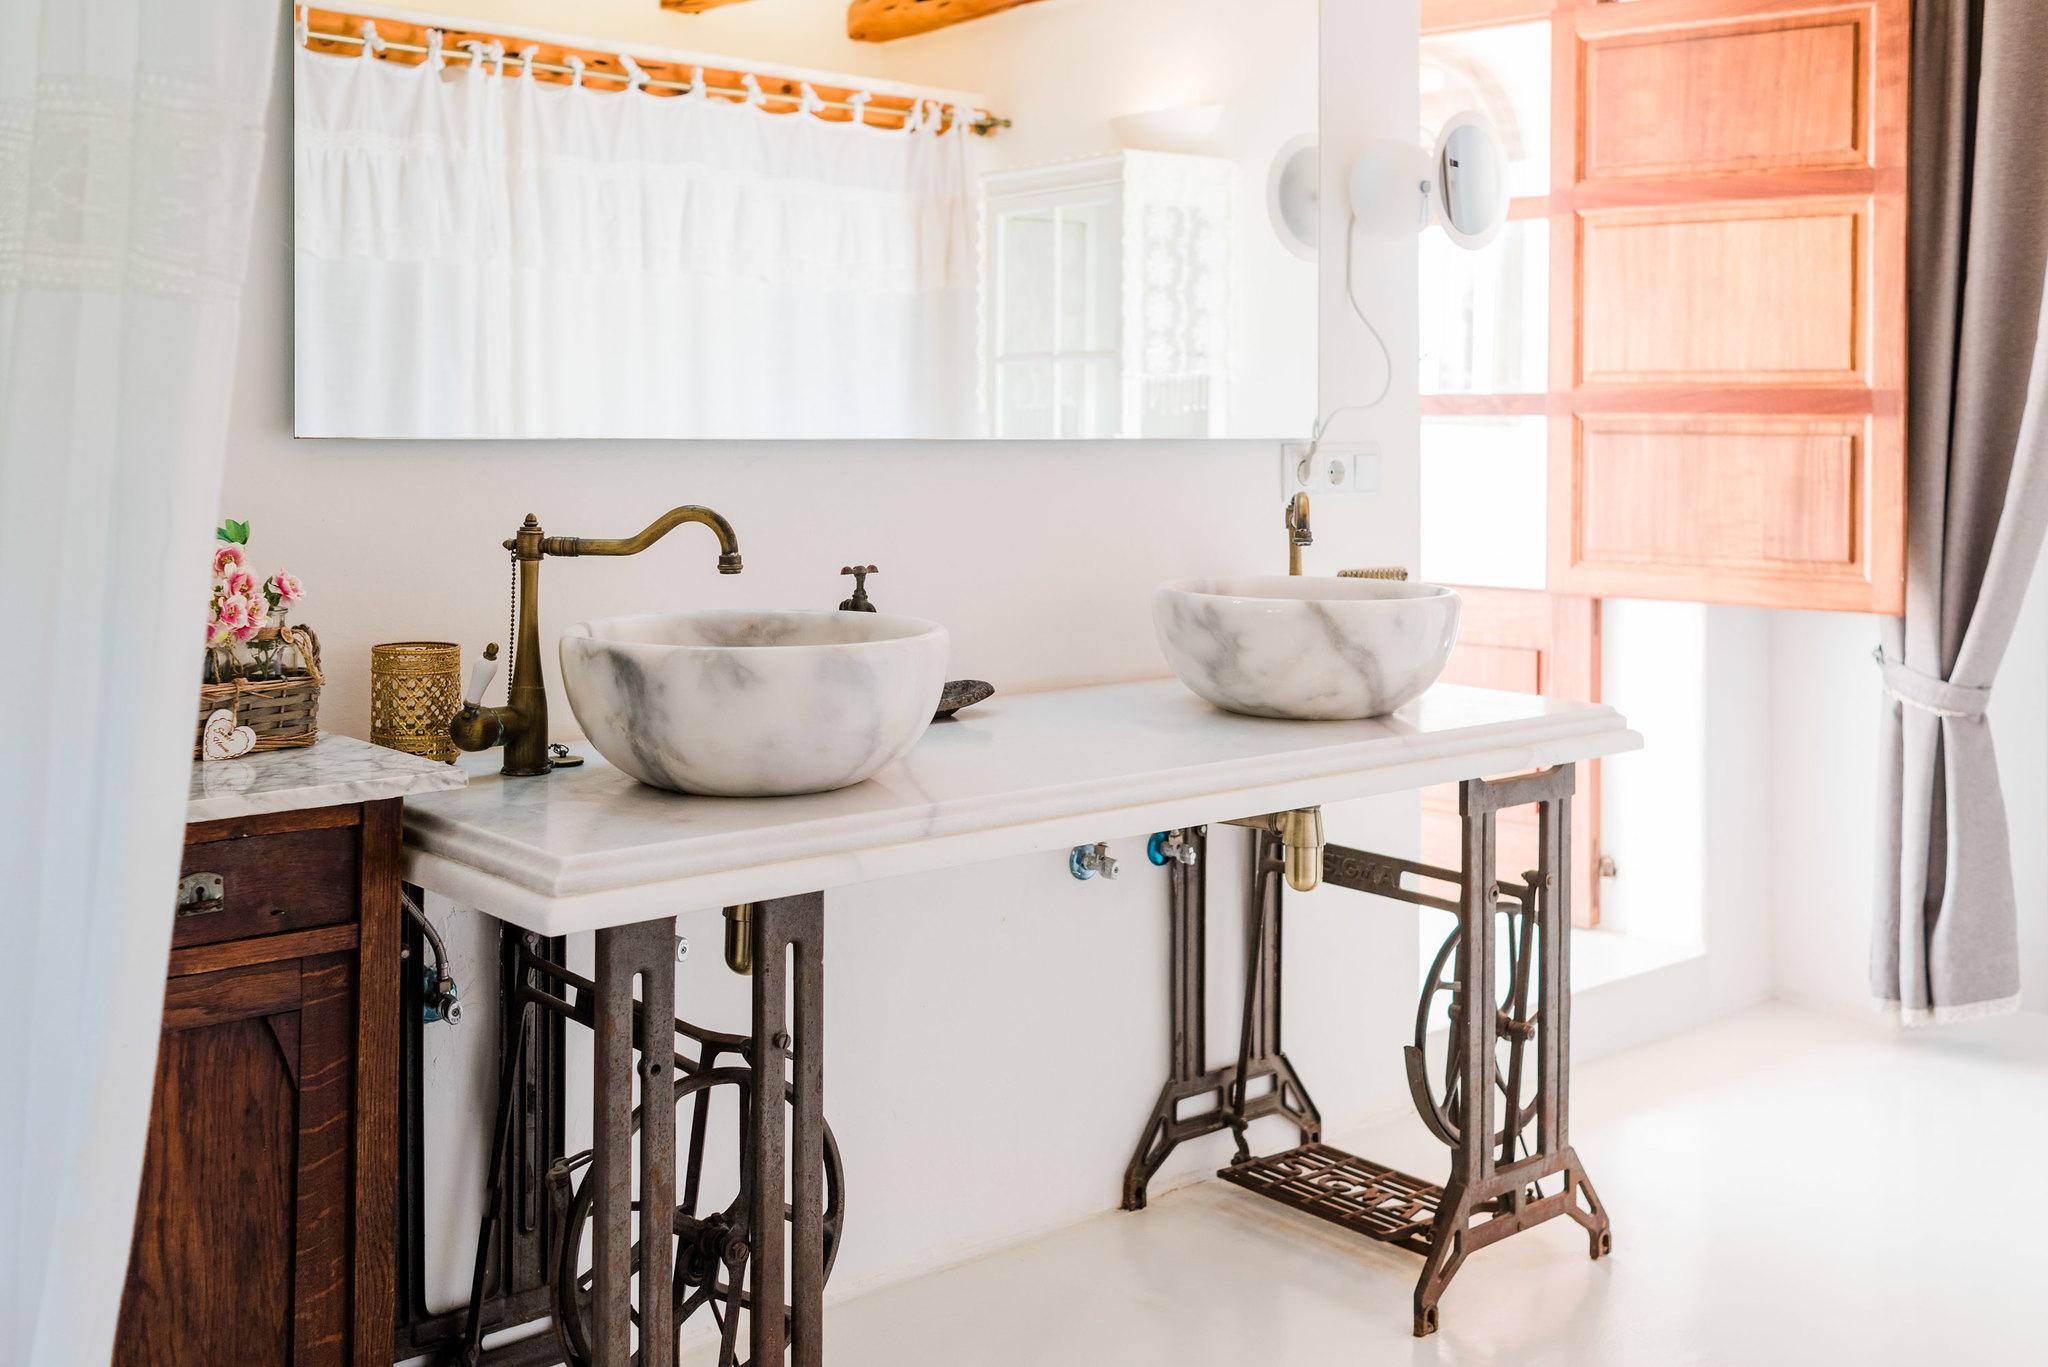 https://www.white-ibiza.com/wp-content/uploads/2020/06/white-ibiza-villas-los-corrales-interior-bathroom2.jpg